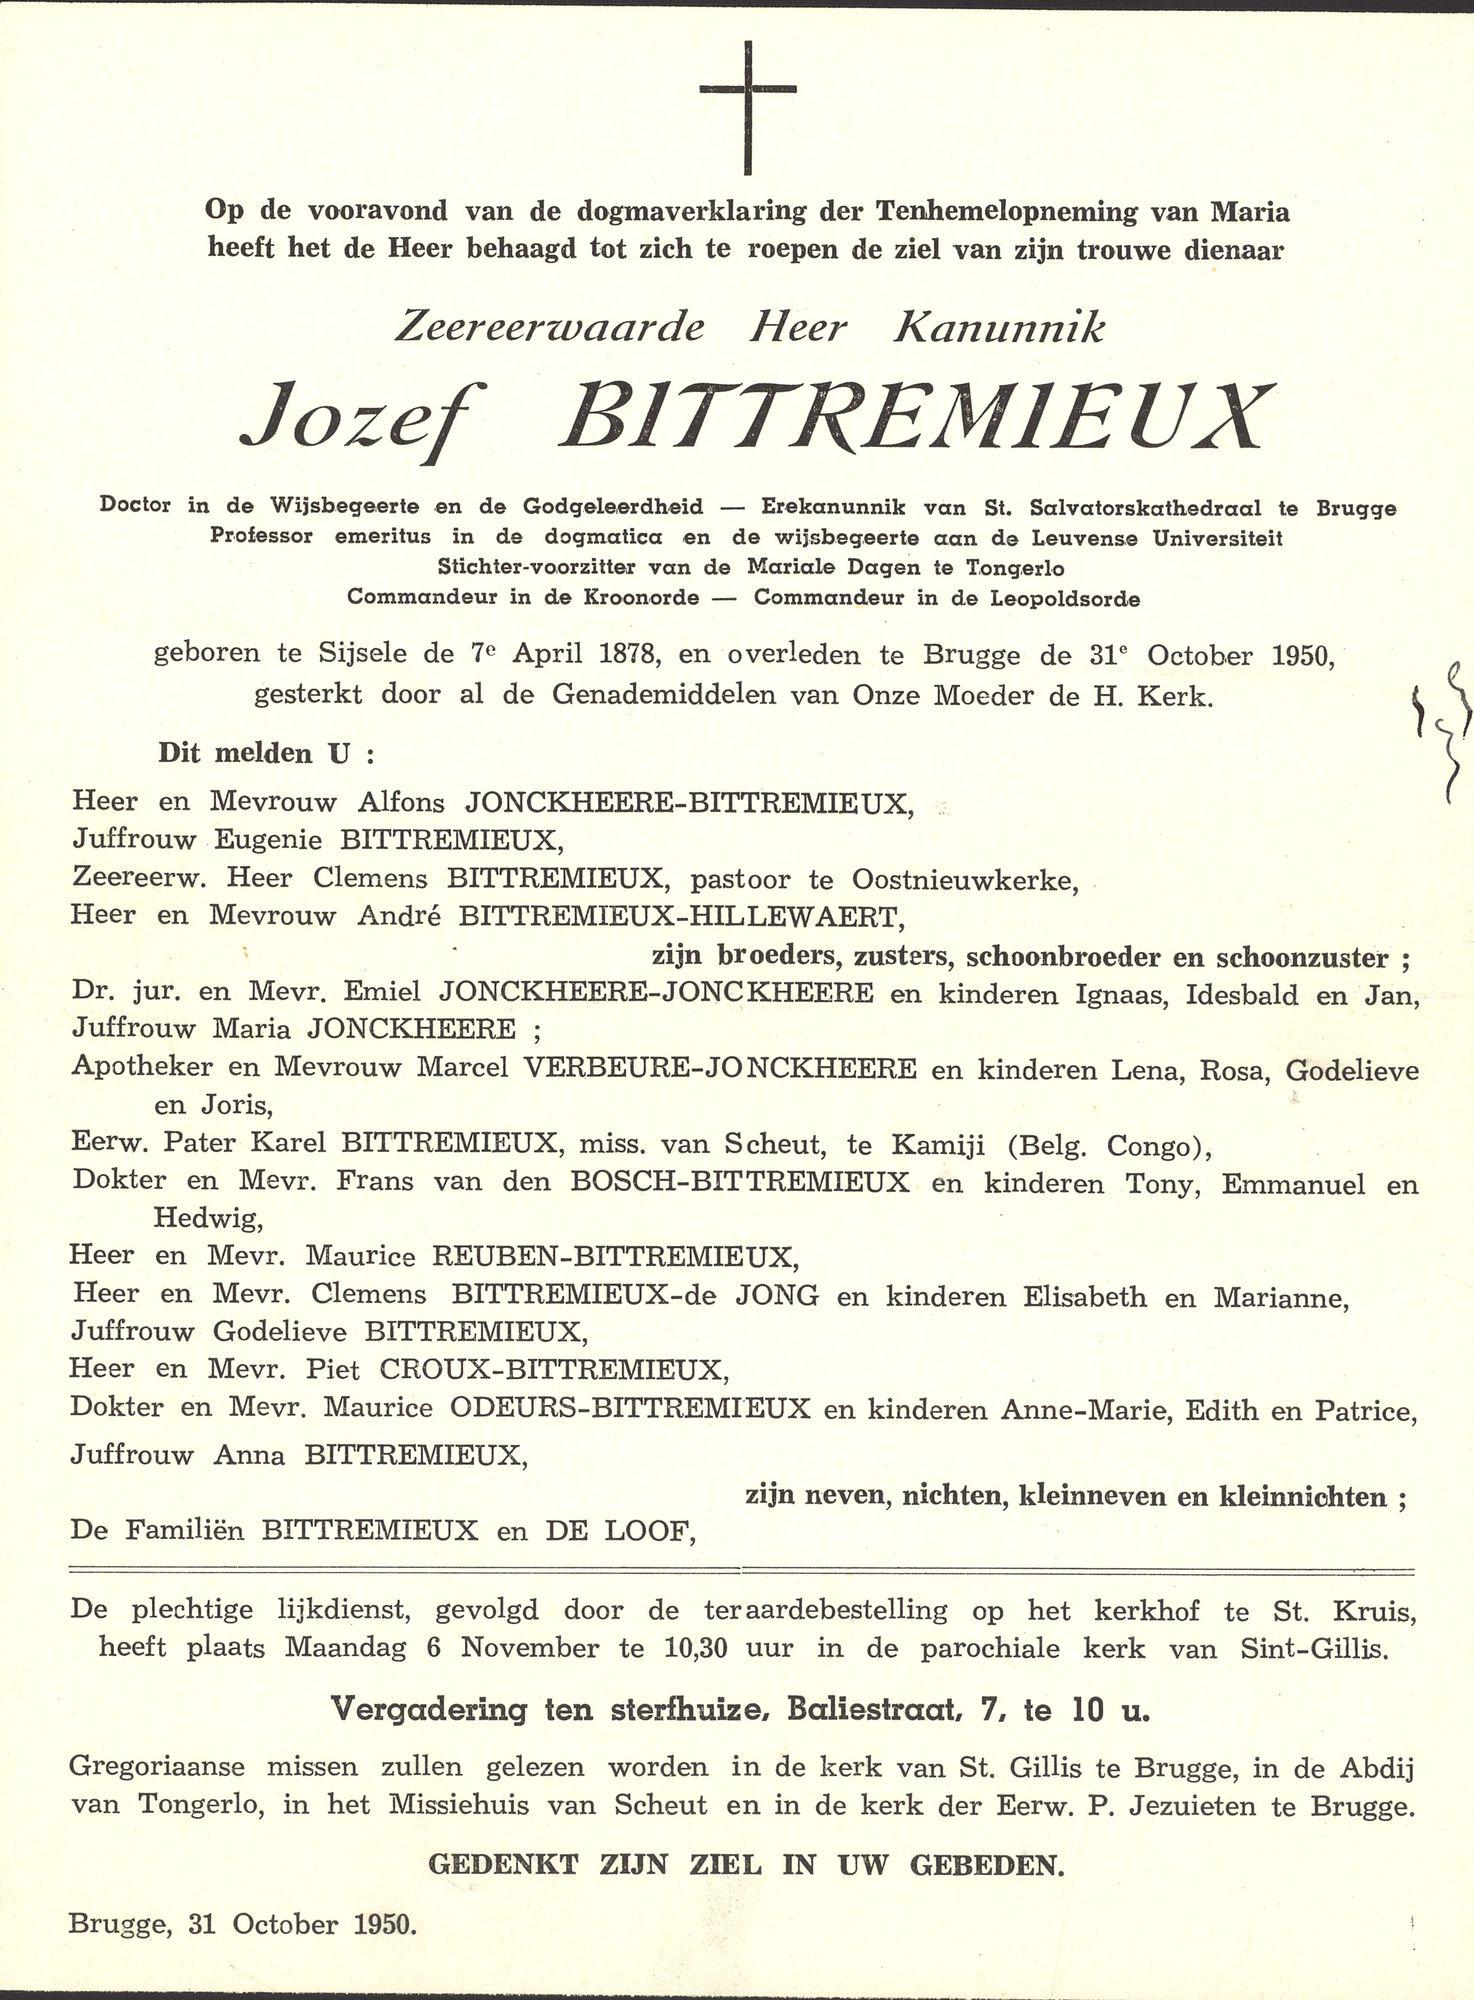 Jozef Bittremieux